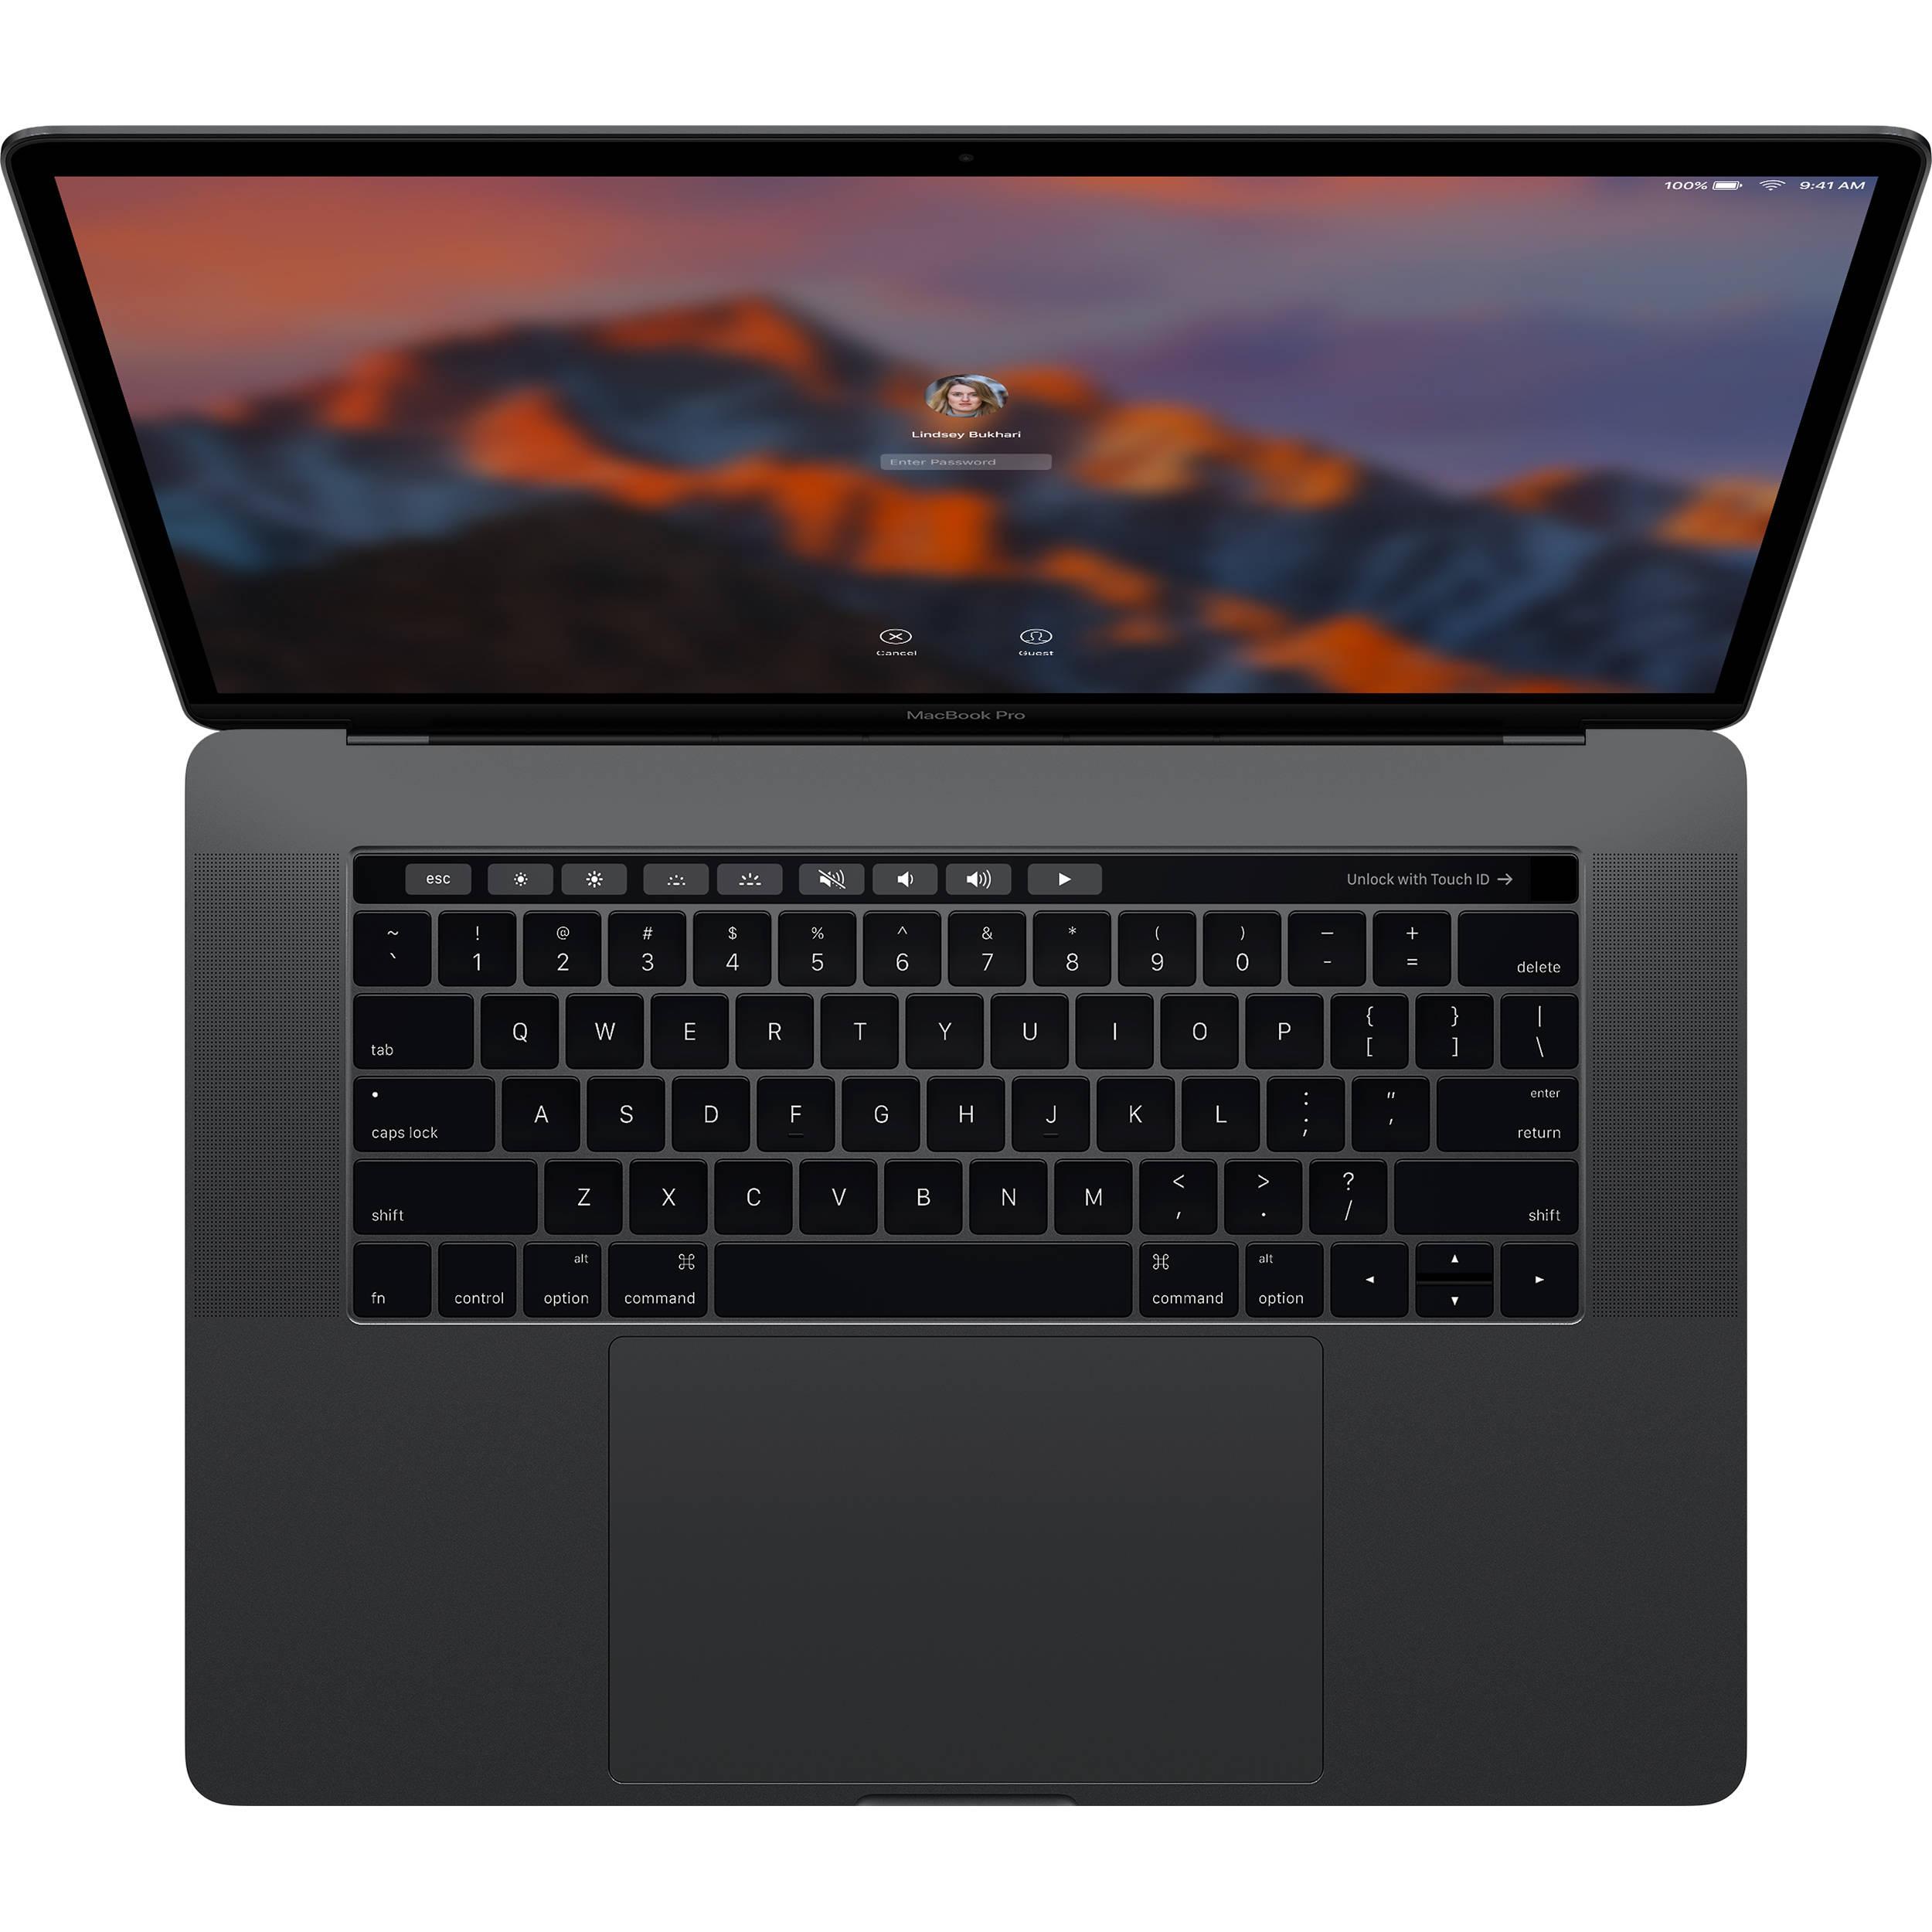 MPTT2- Macbook Pro 15 inch 2017/ I7/ 16GB/ 512GB/ TouchBar/ Pro 560 4GB/ New 99%